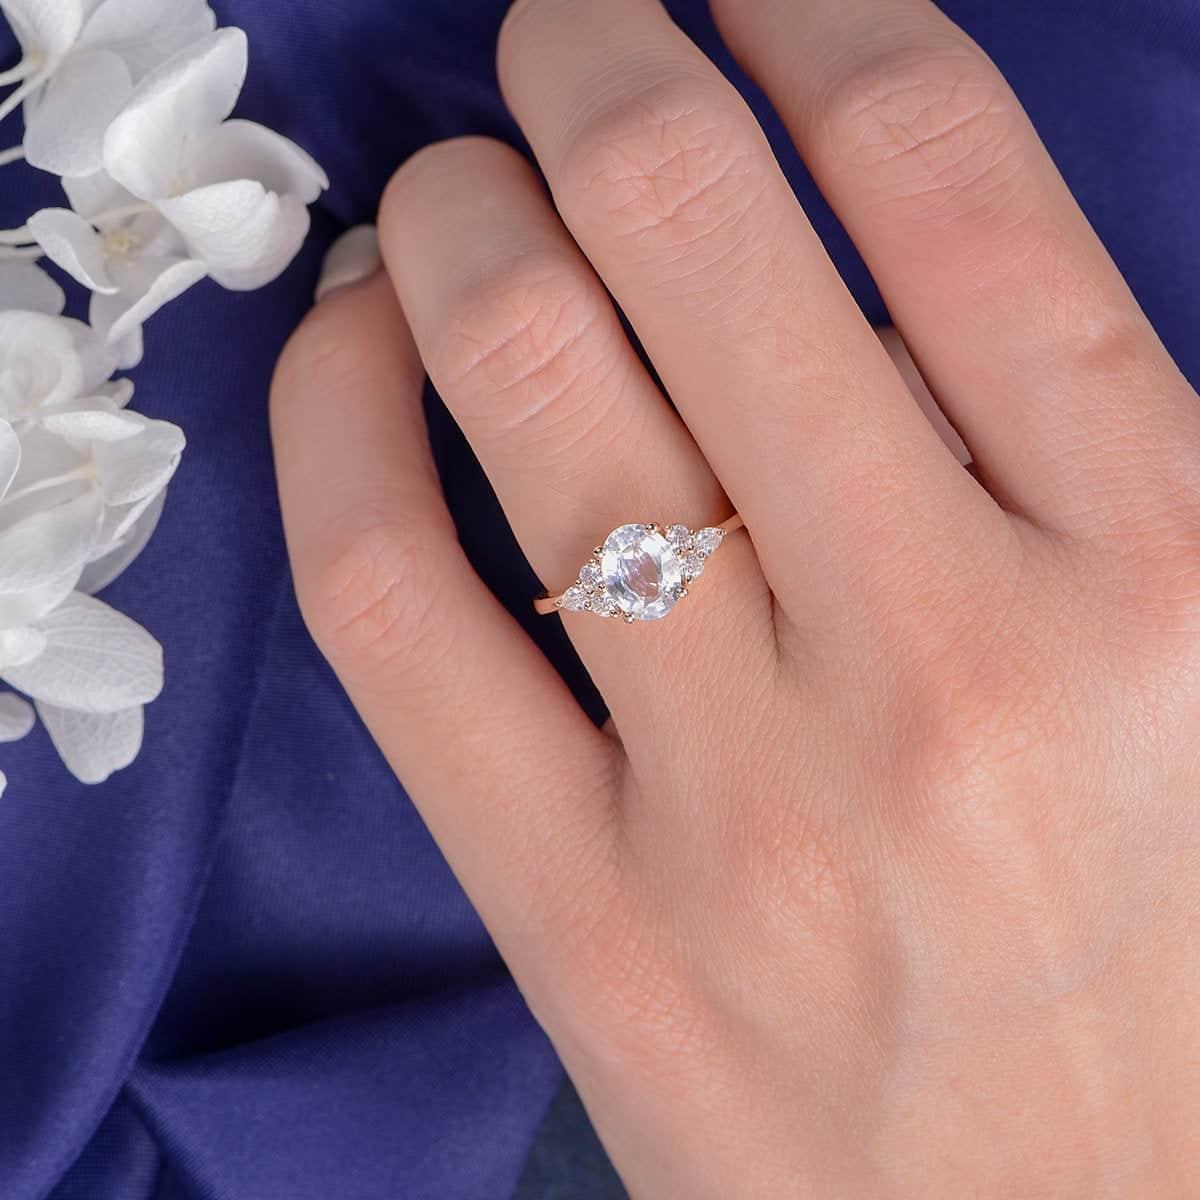 whitesapphire engagement ring from loveringsdesign